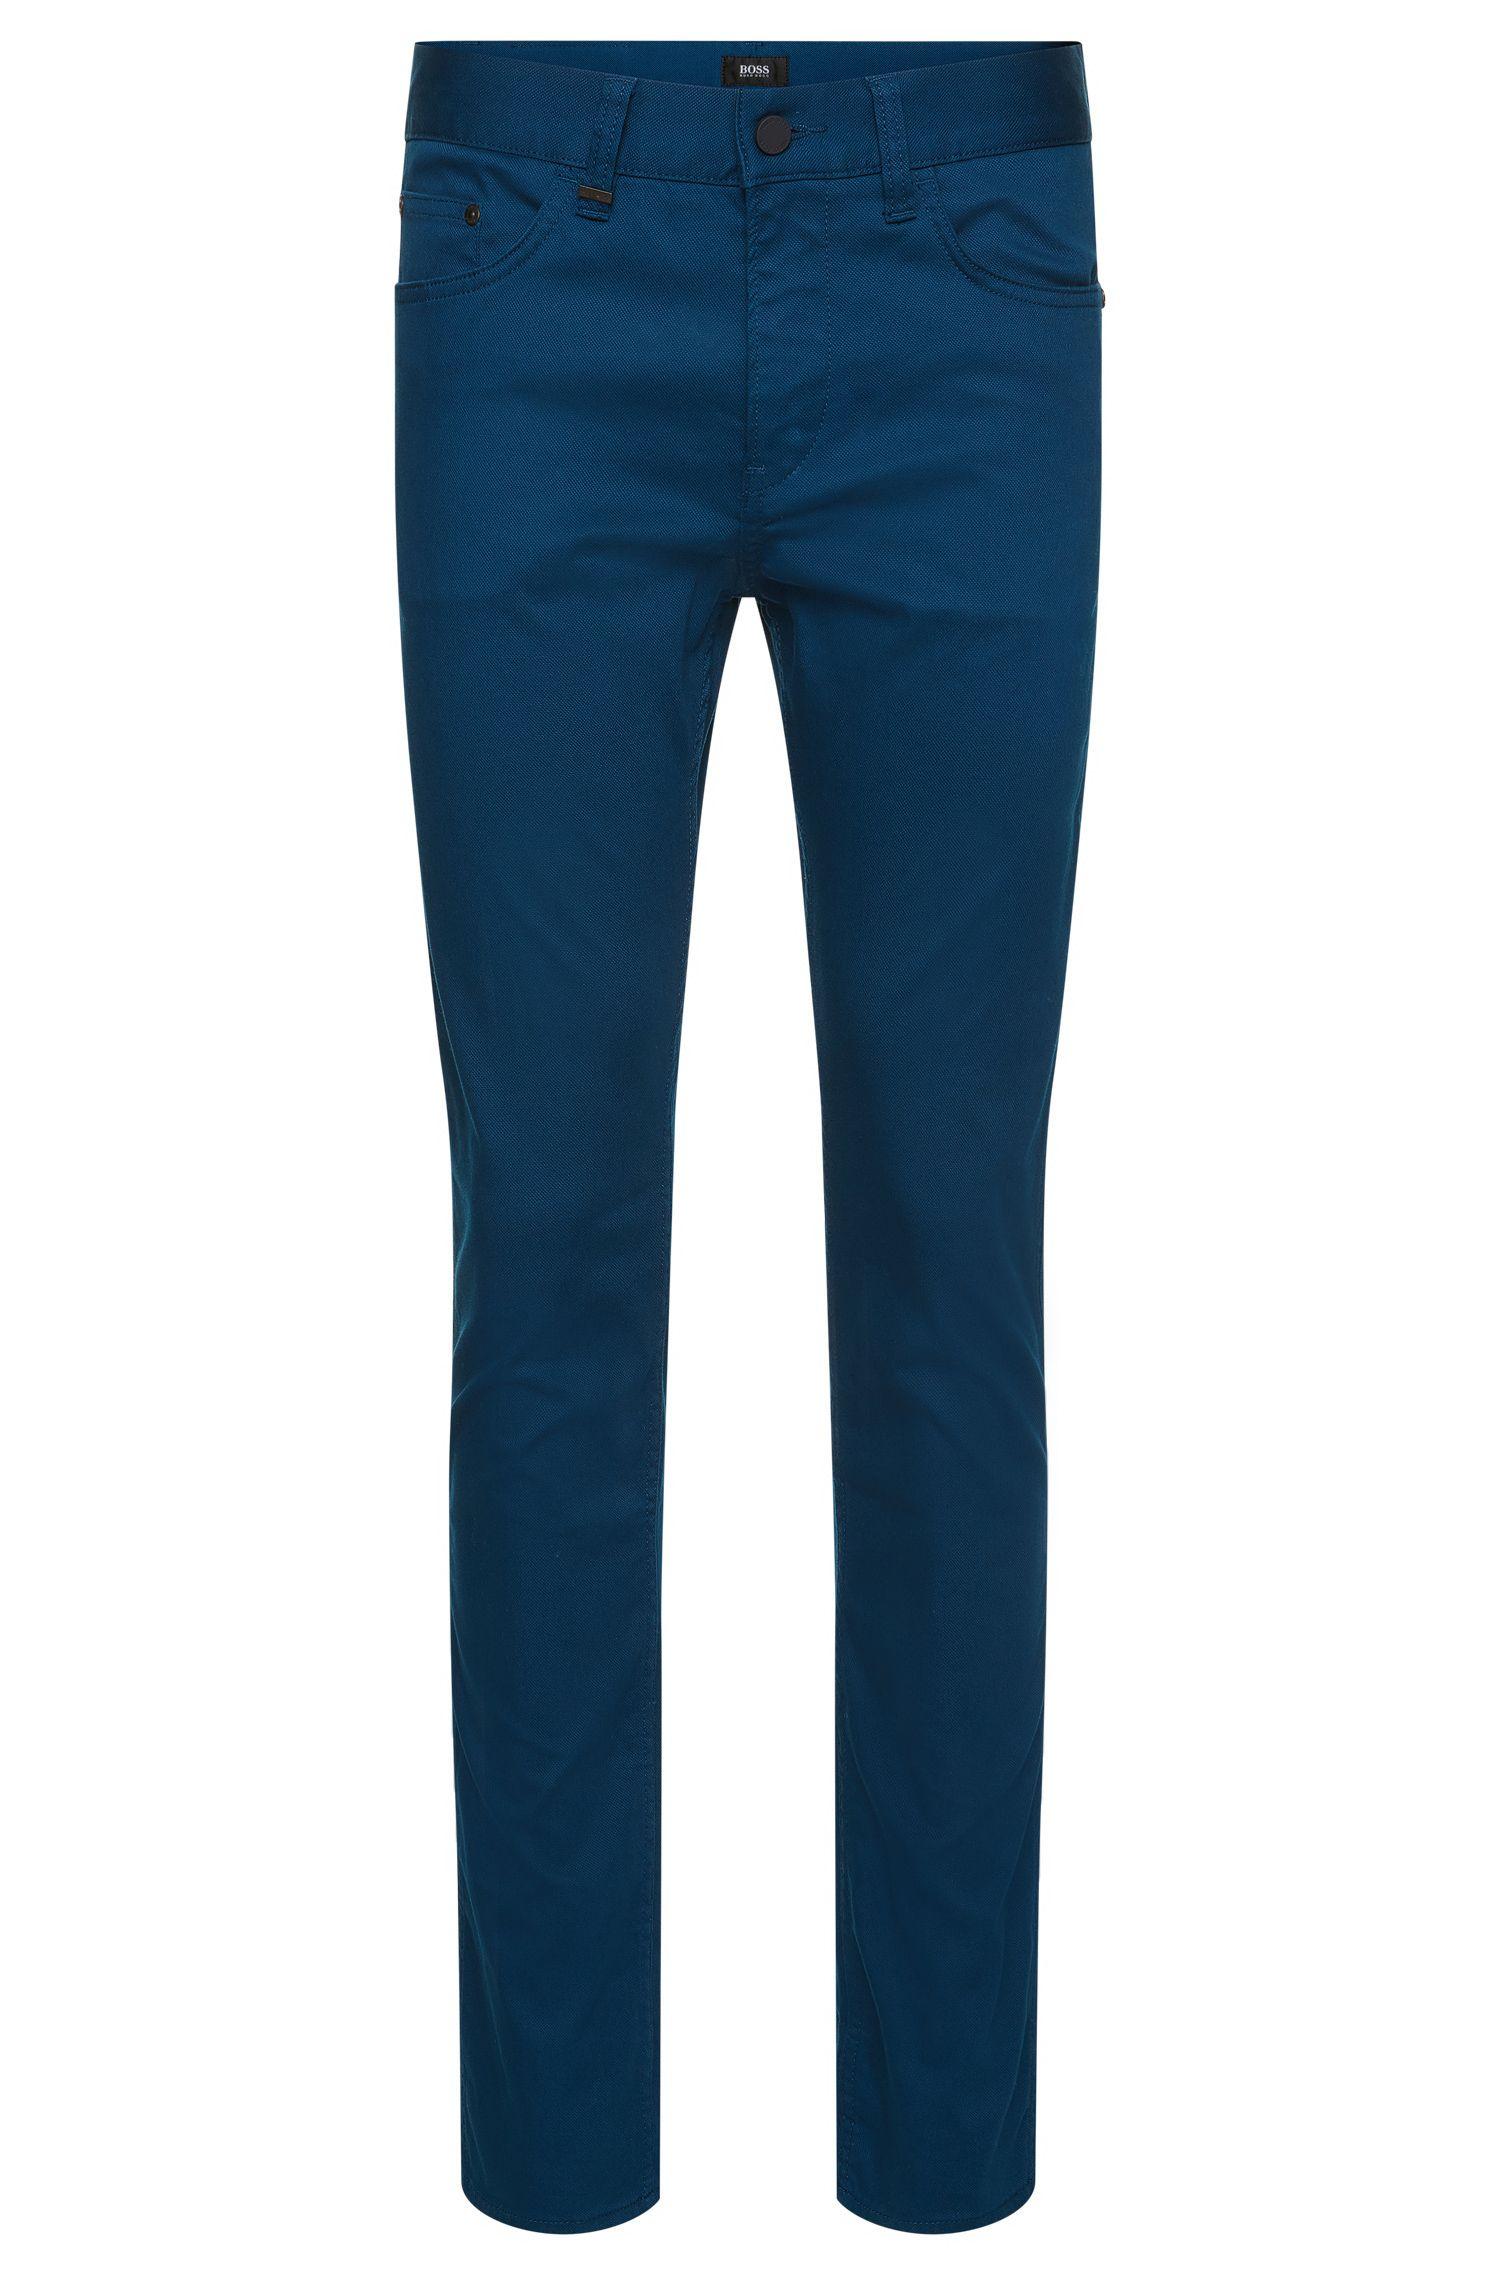 Strukturierte Slim-Fit Hose aus Stretch-Baumwolle: 'Delaware4-20'